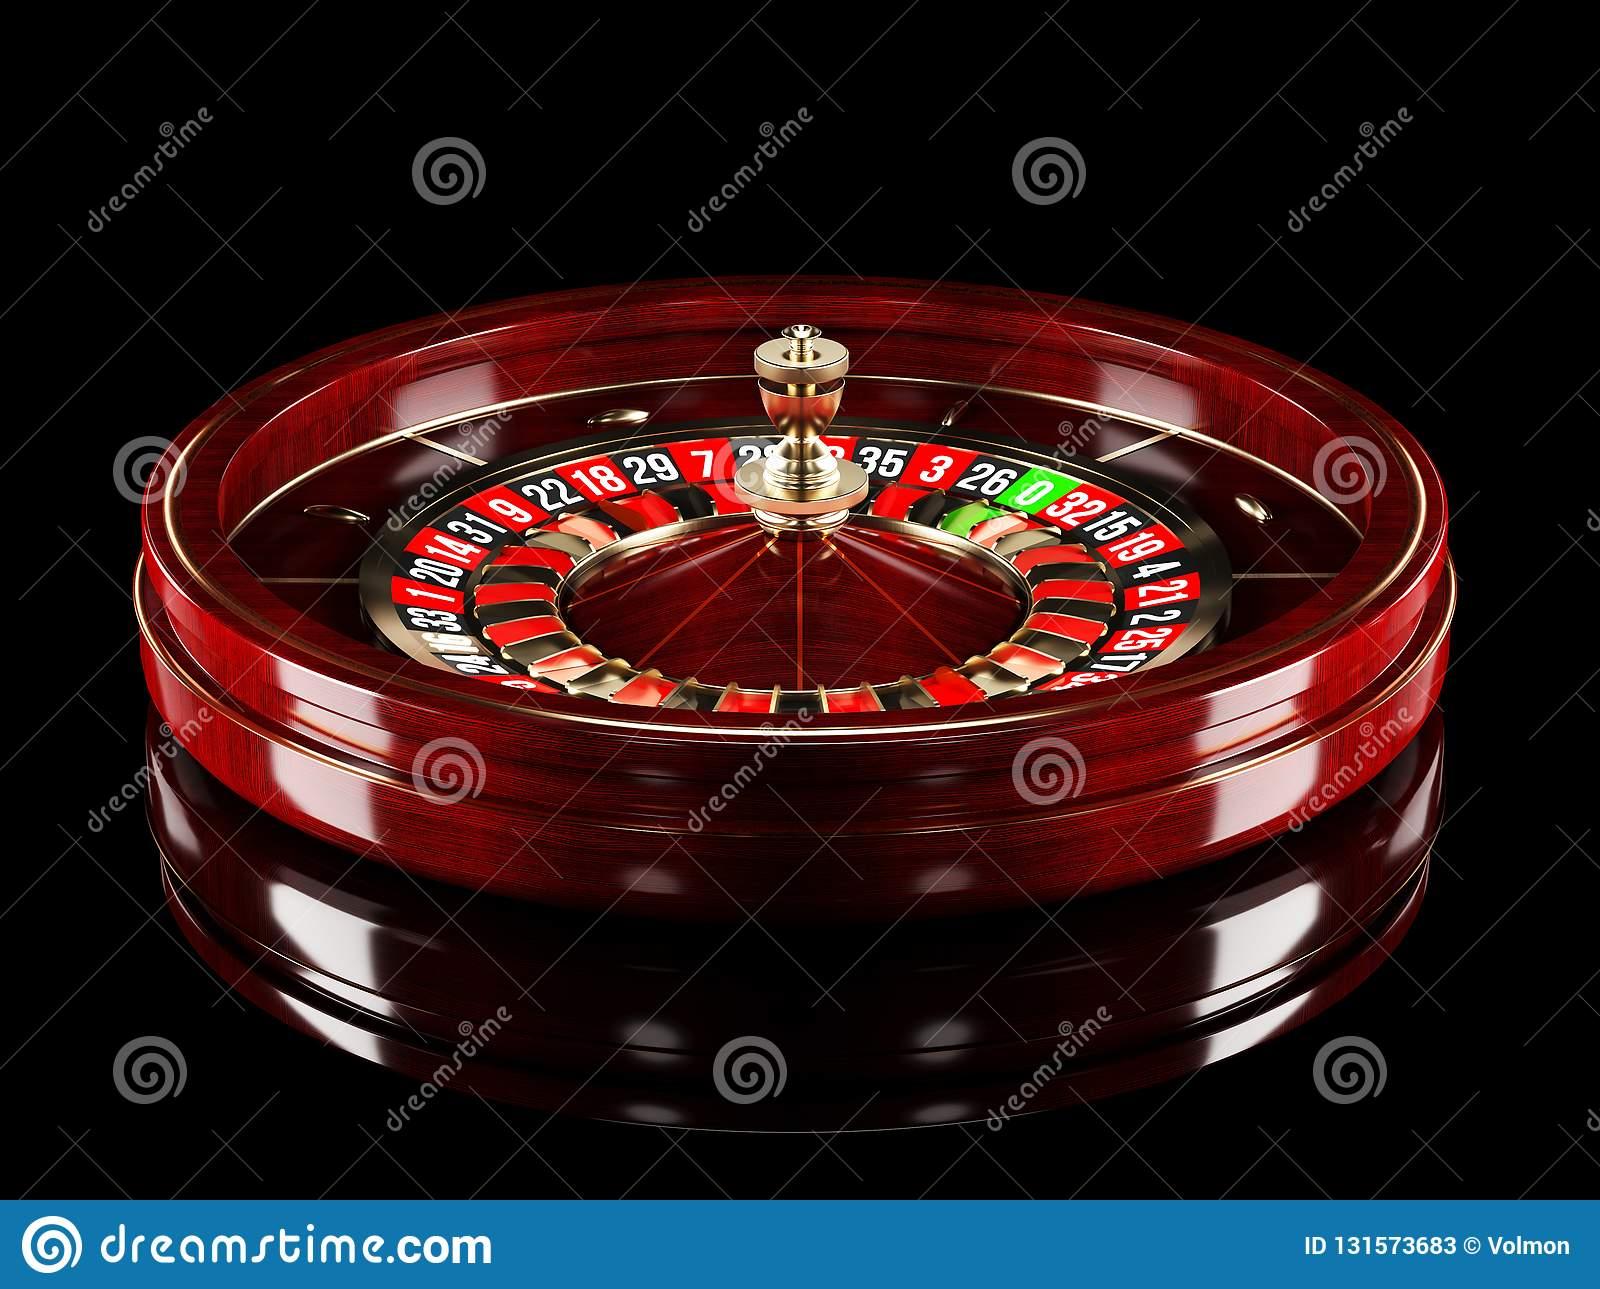 Мнения о виртуальных казино карты на раздевание дурак играть онлайн сейчас